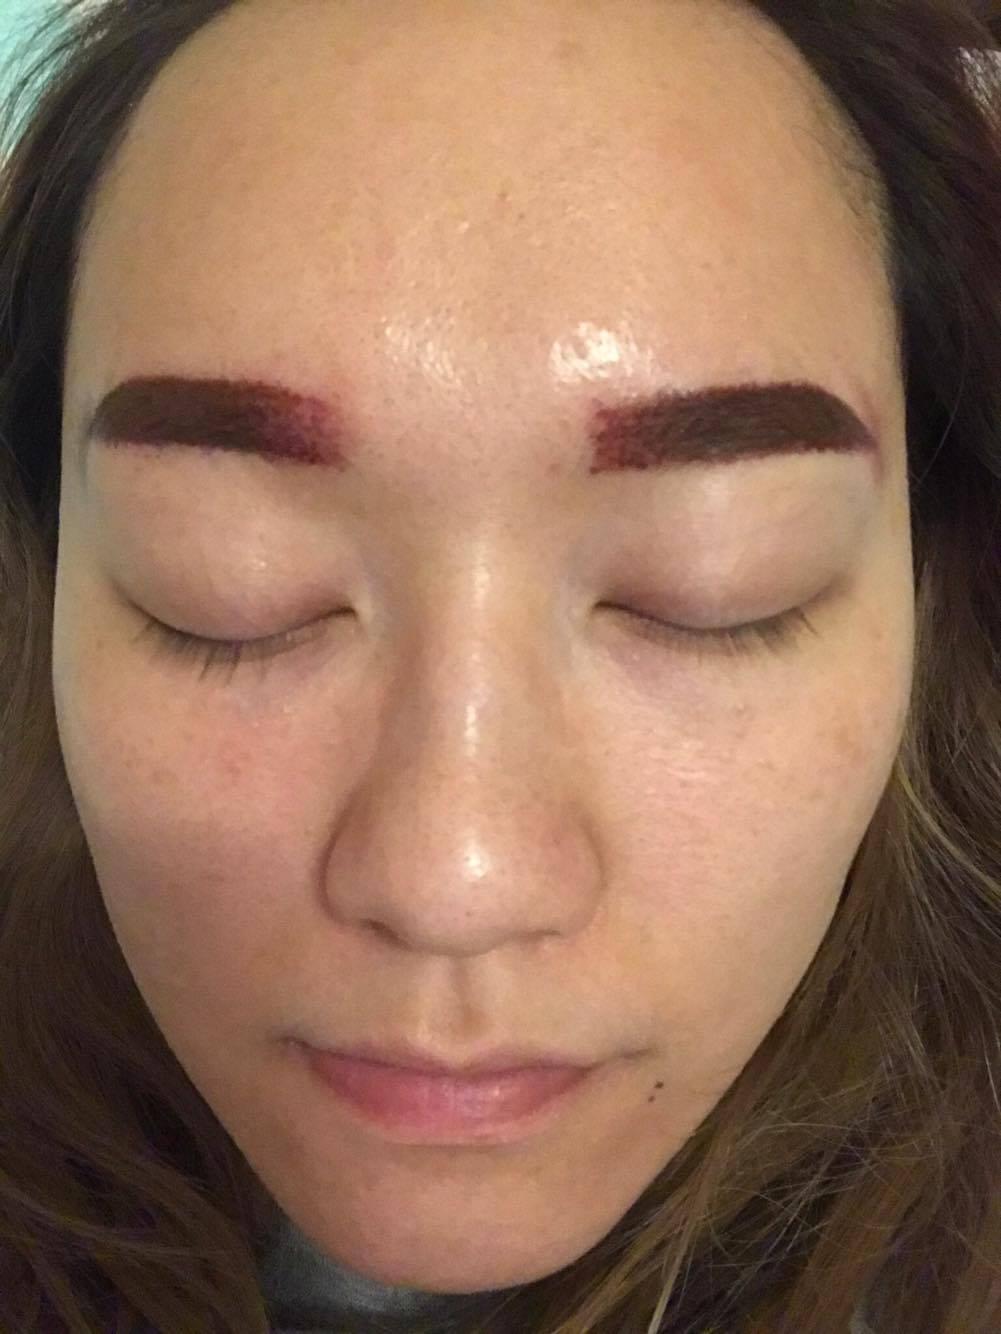 超自然半永久式霧眉 M Beauty Concept韓式霧眉分享! | 懶系女孩生活日誌 – U Blog 博客